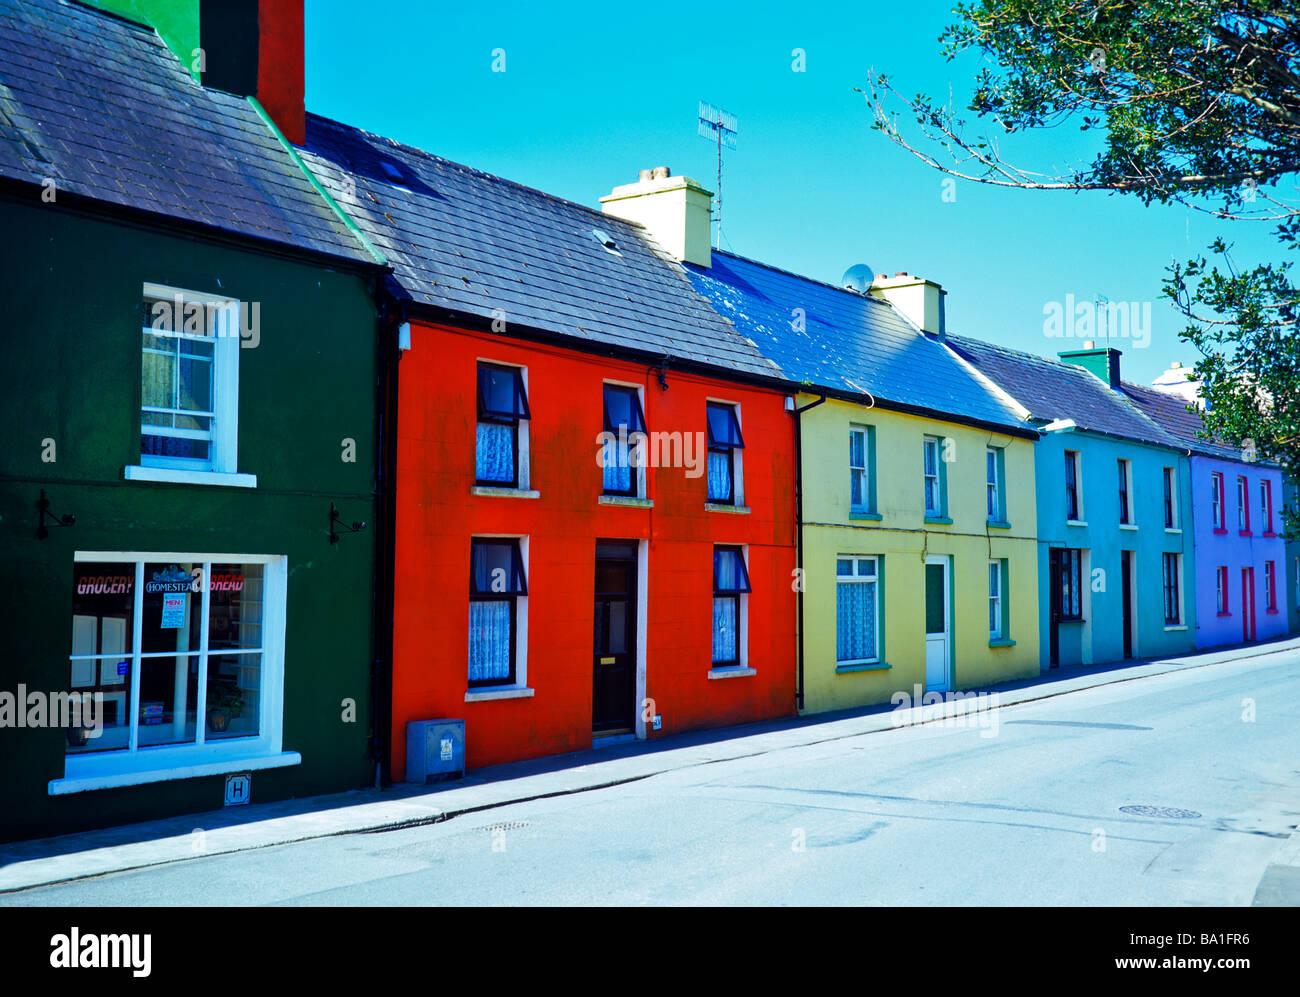 Belle journée ensoleillée avec ses maisons colorées dans le môle sur la péninsule de Beara Photo Stock